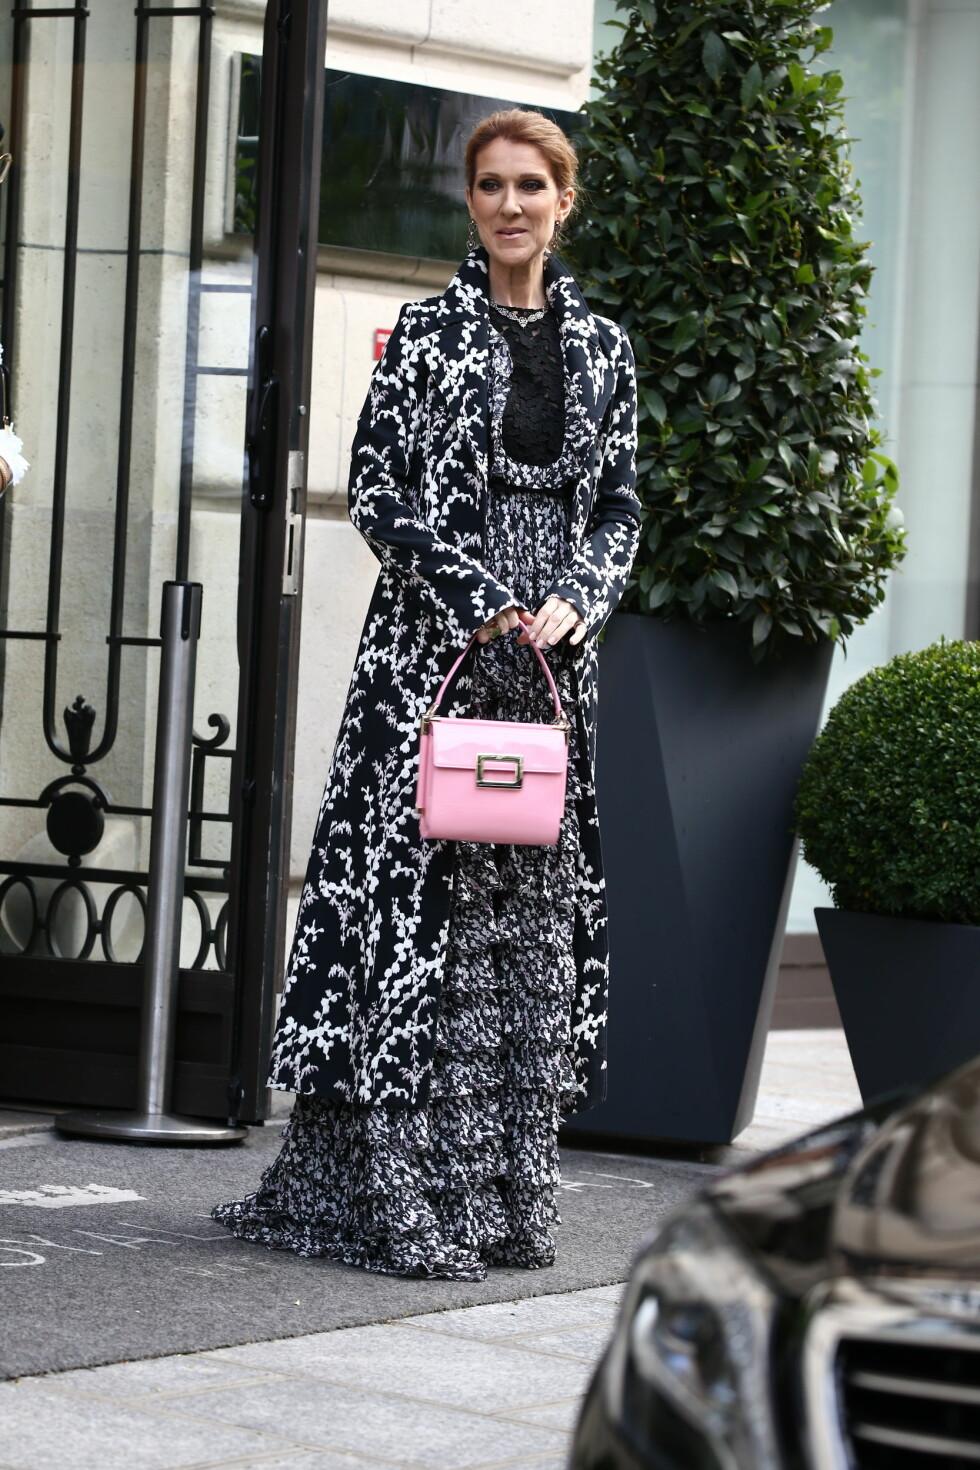 <strong>PÅ GIAMBATTISTA VALLI:</strong> Celine Dion har nok fått mye inspirasjon under moteuken i Paris. Foto: Abaca